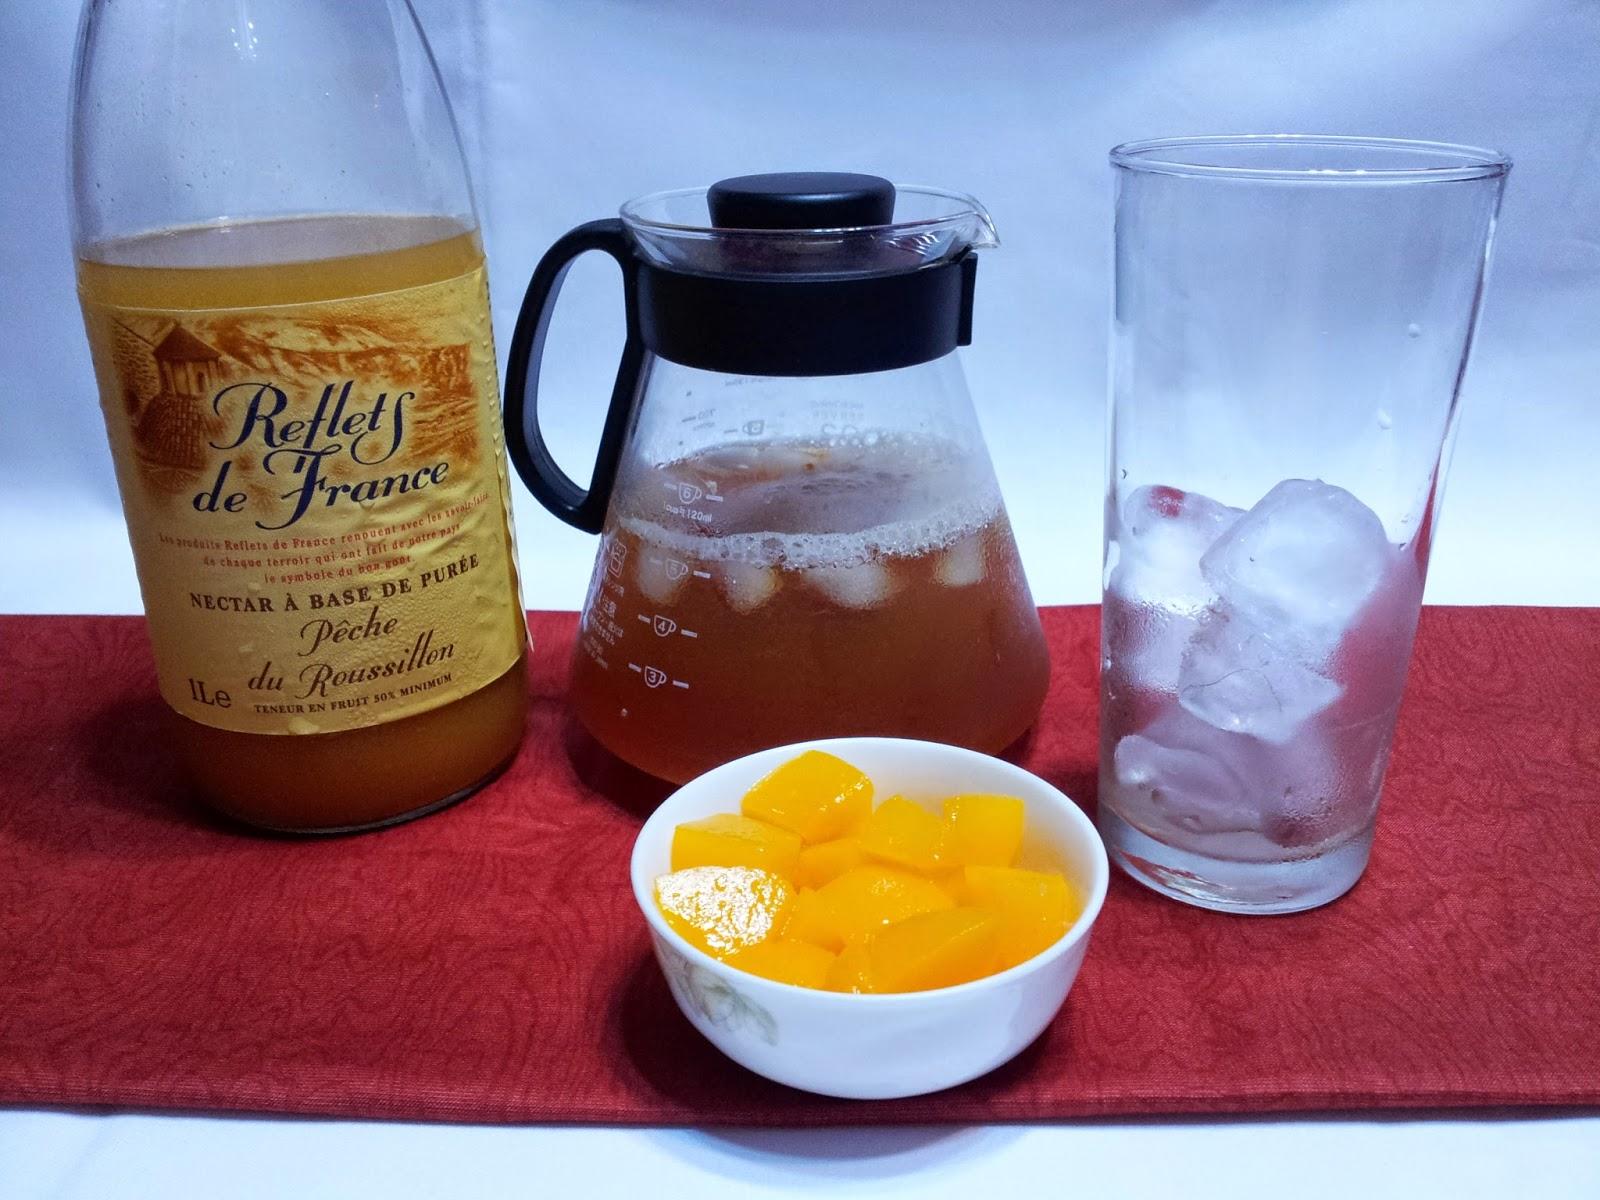 錫蘭紅茶,阿薩姆紅茶,.冰茶,水蜜桃